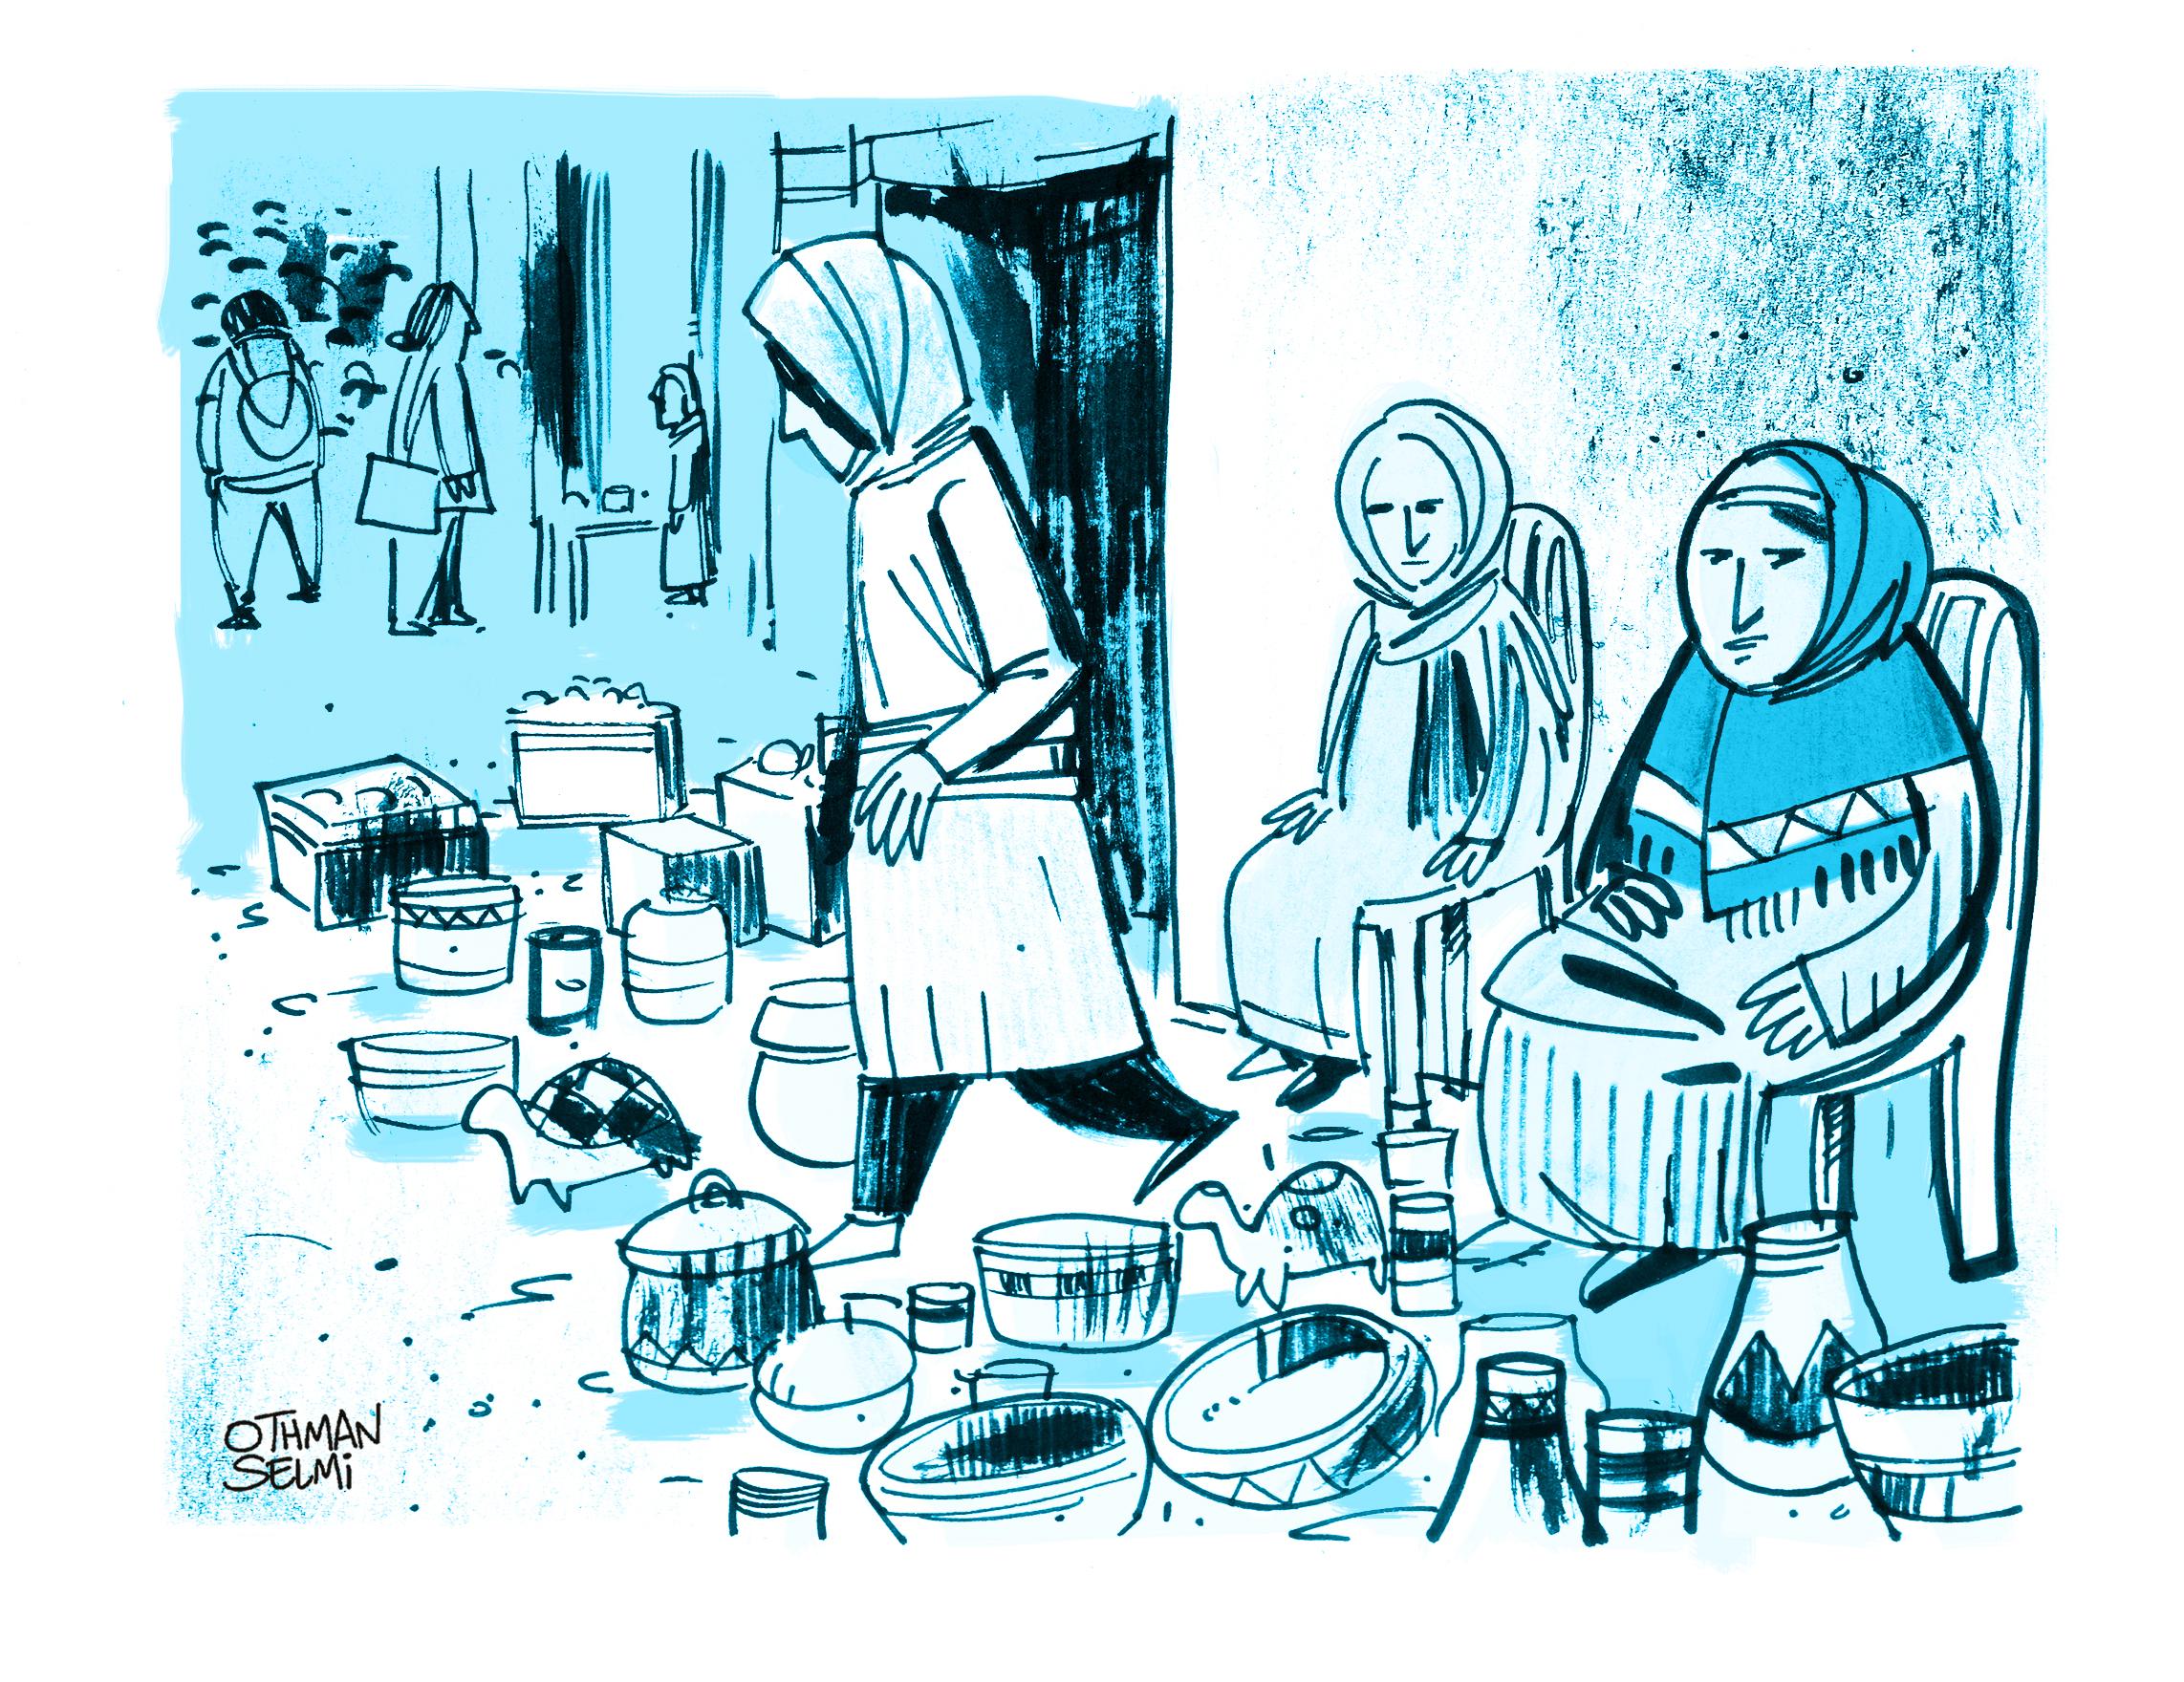 تجربة جمعية النساء التونسيات للبحث حول التنمية: من التهميش إلى الادماج نصنـع البدائـــل